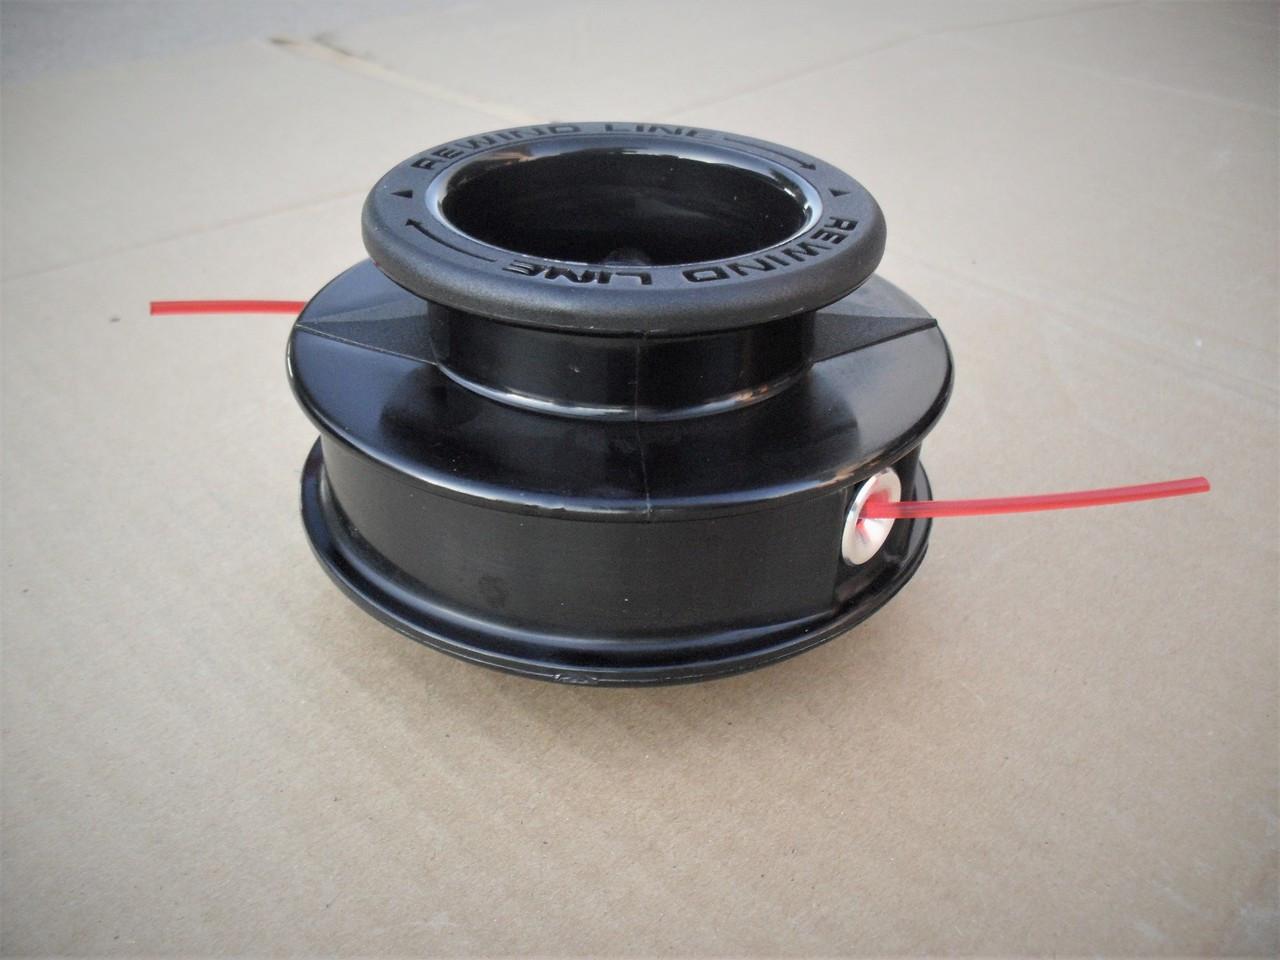 Twist Feed String Trimmer Head for Ryobi 740R, 740R-1, 750R, 775R. Loading  zoom. Twist Feed String Trimmer ...